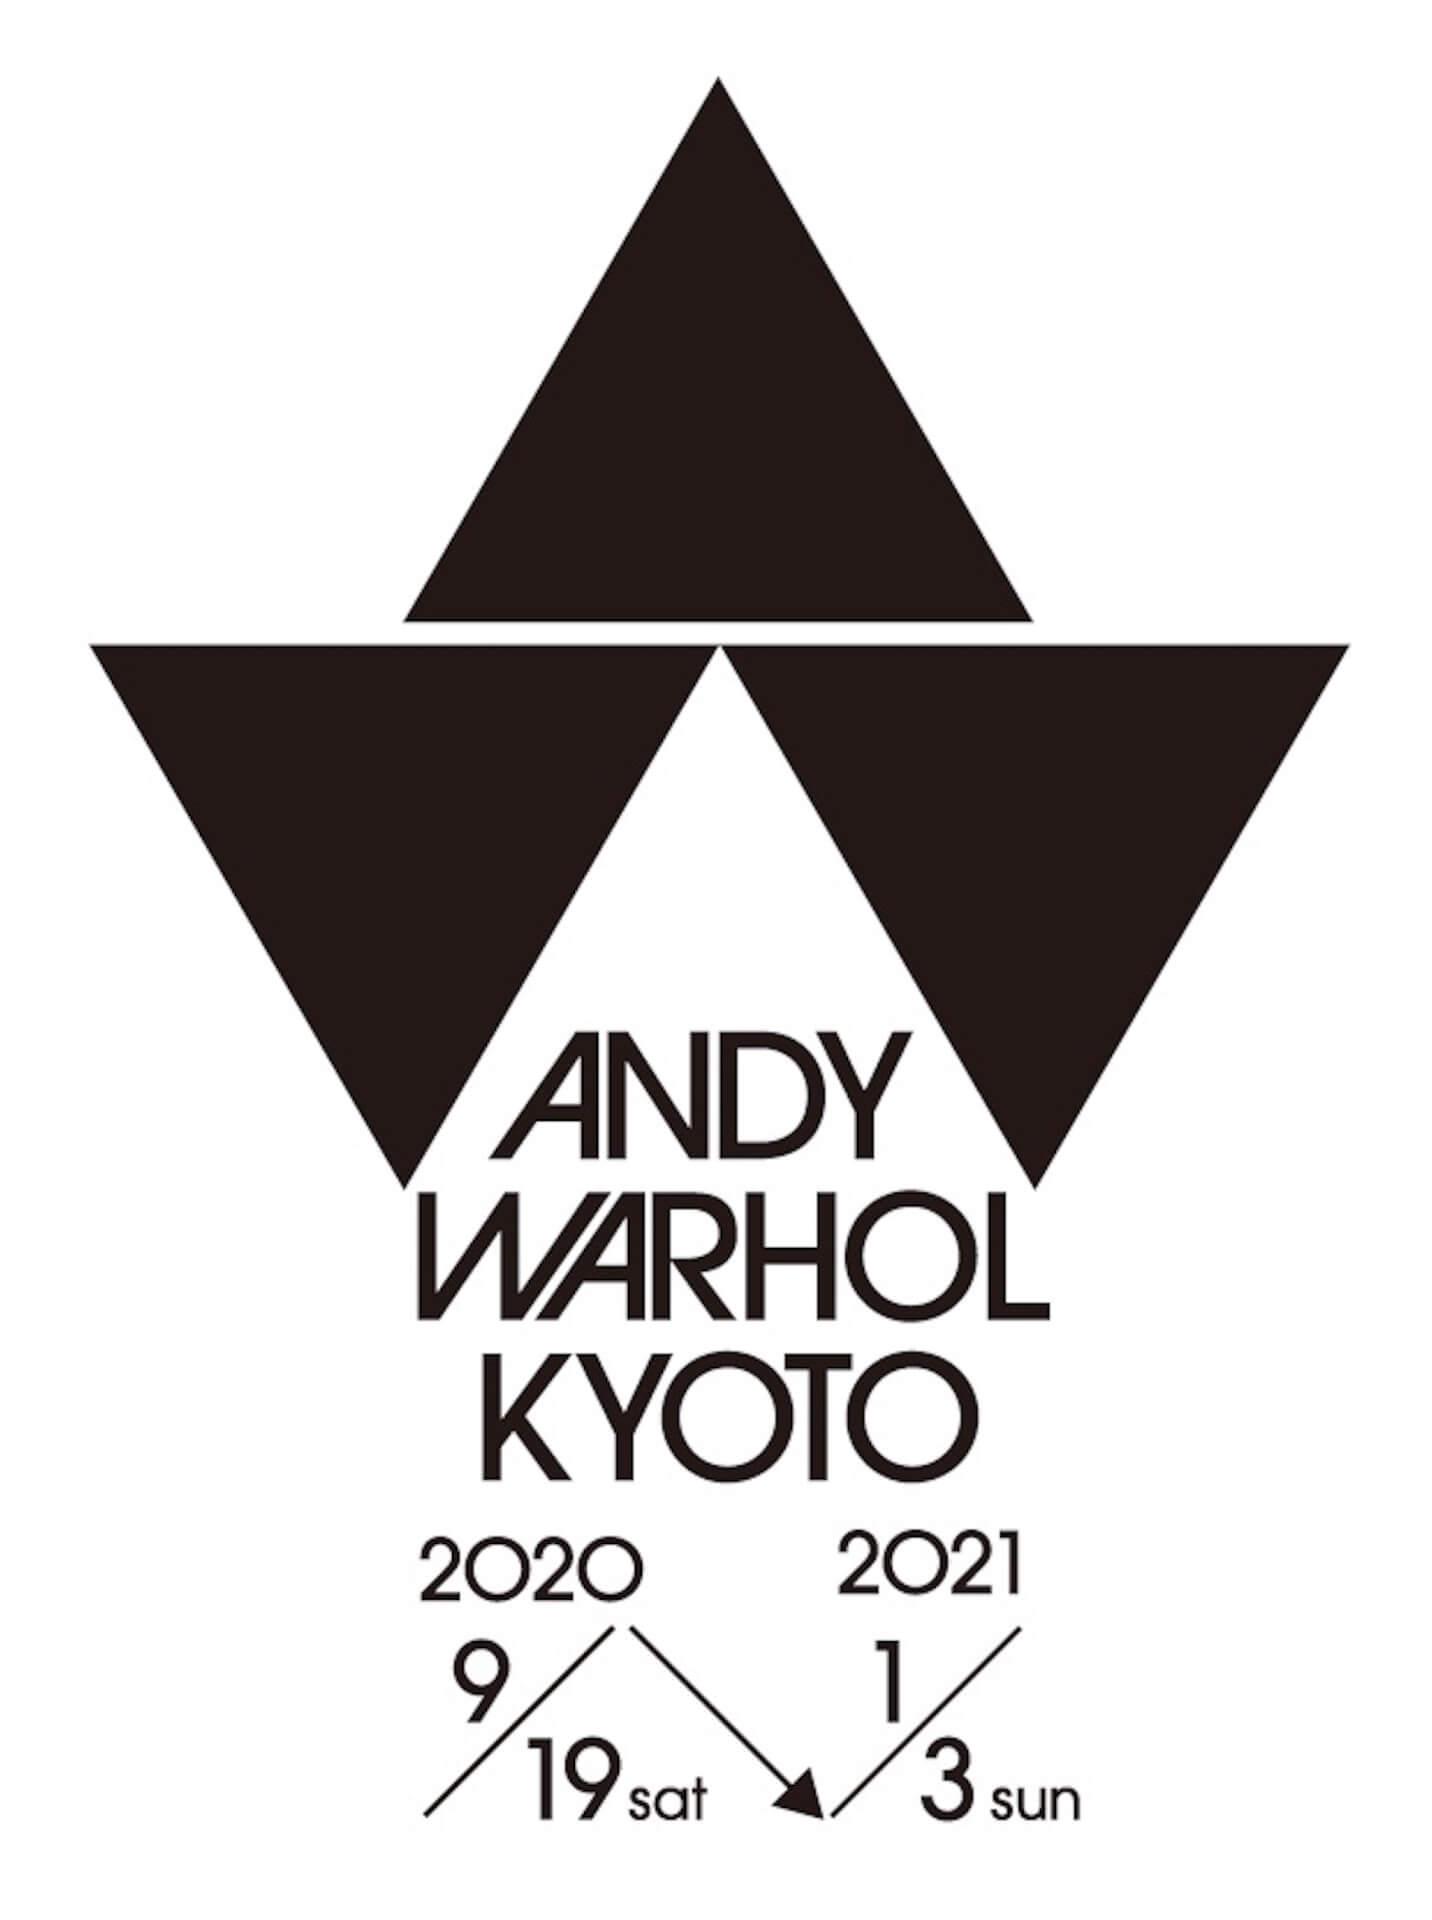 アンディ・ウォーホルの大回顧展「ANDY WARHOL KYOTO/アンディ・ウォーホル・キョウト」2020年秋より京都にて単独開催決定 art190828_andywarhol_main